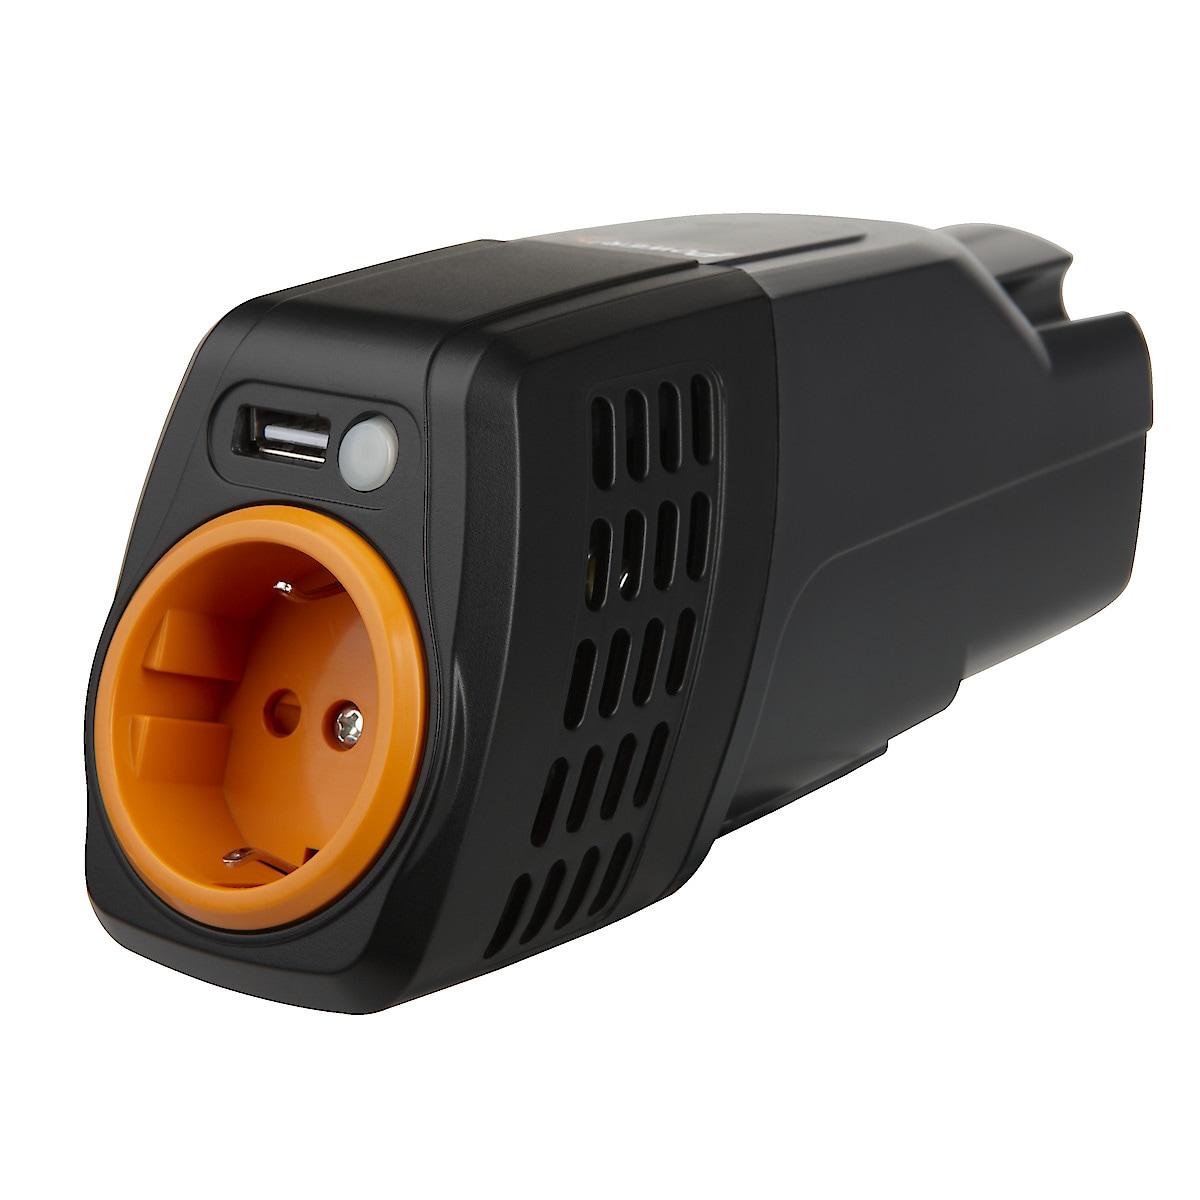 Spenningsomformer/Vekselretter 100 W